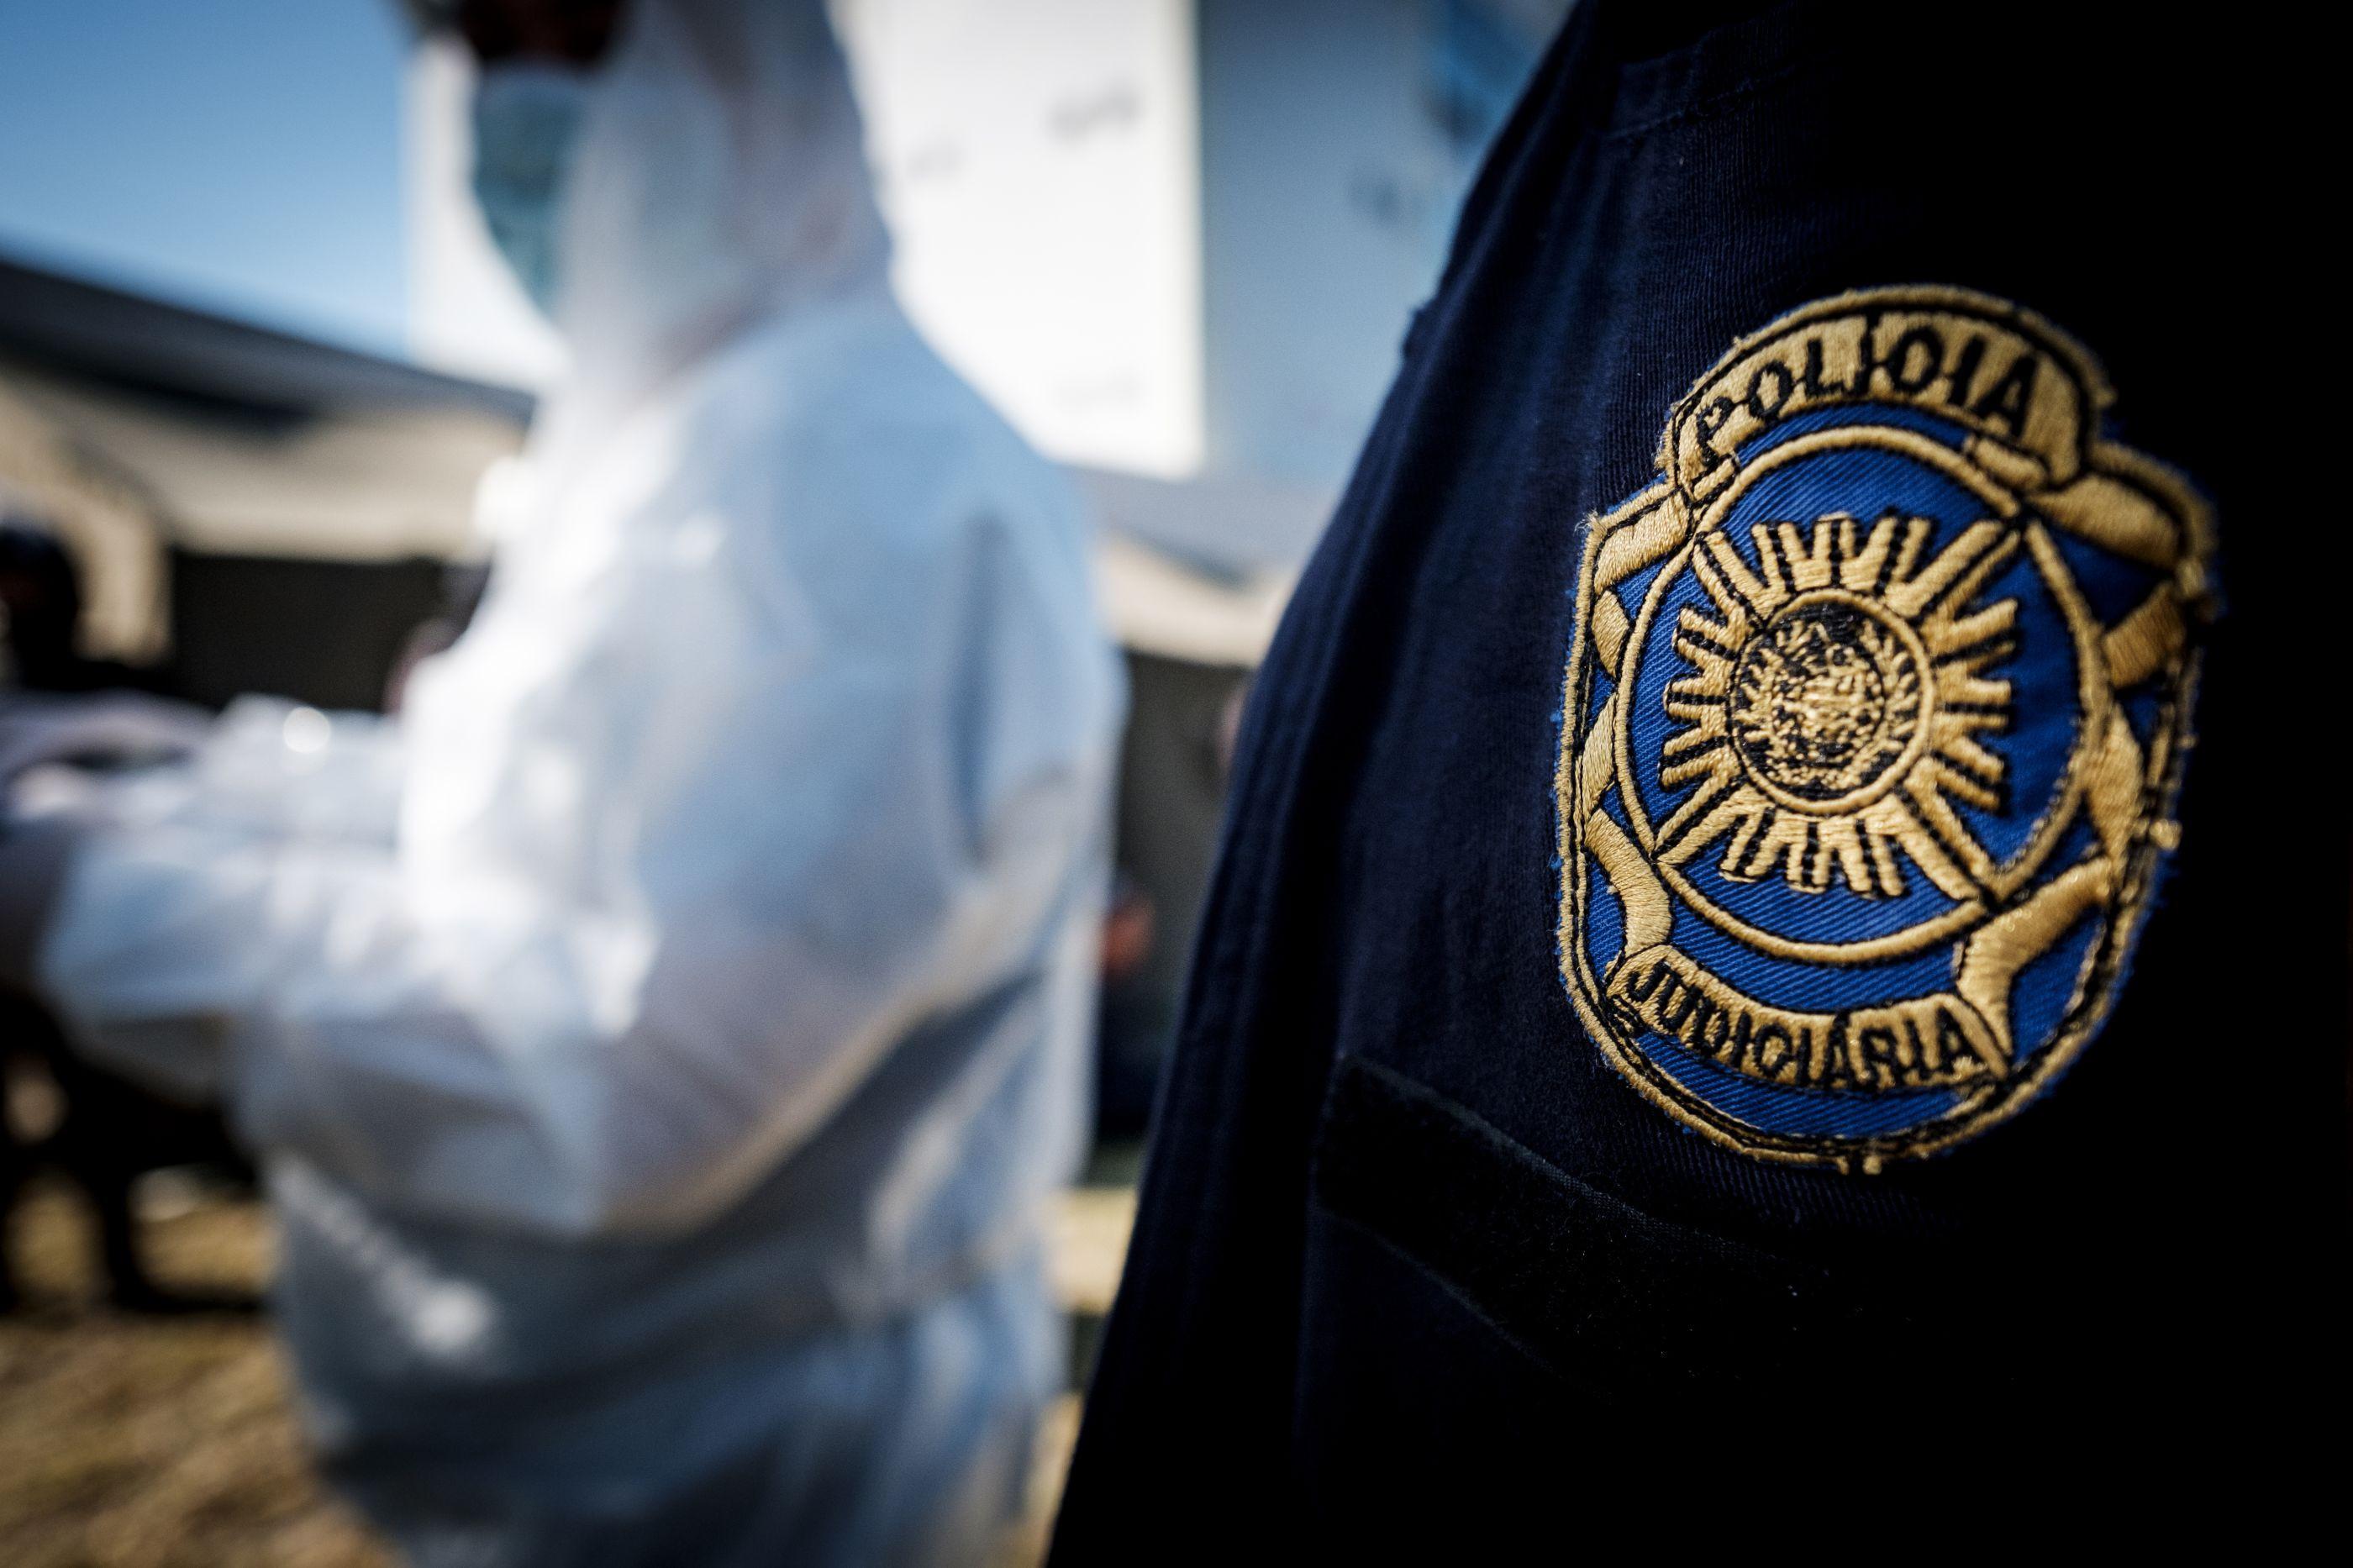 Suspeito em fuga após esfaquear homem no pescoço em Portimão